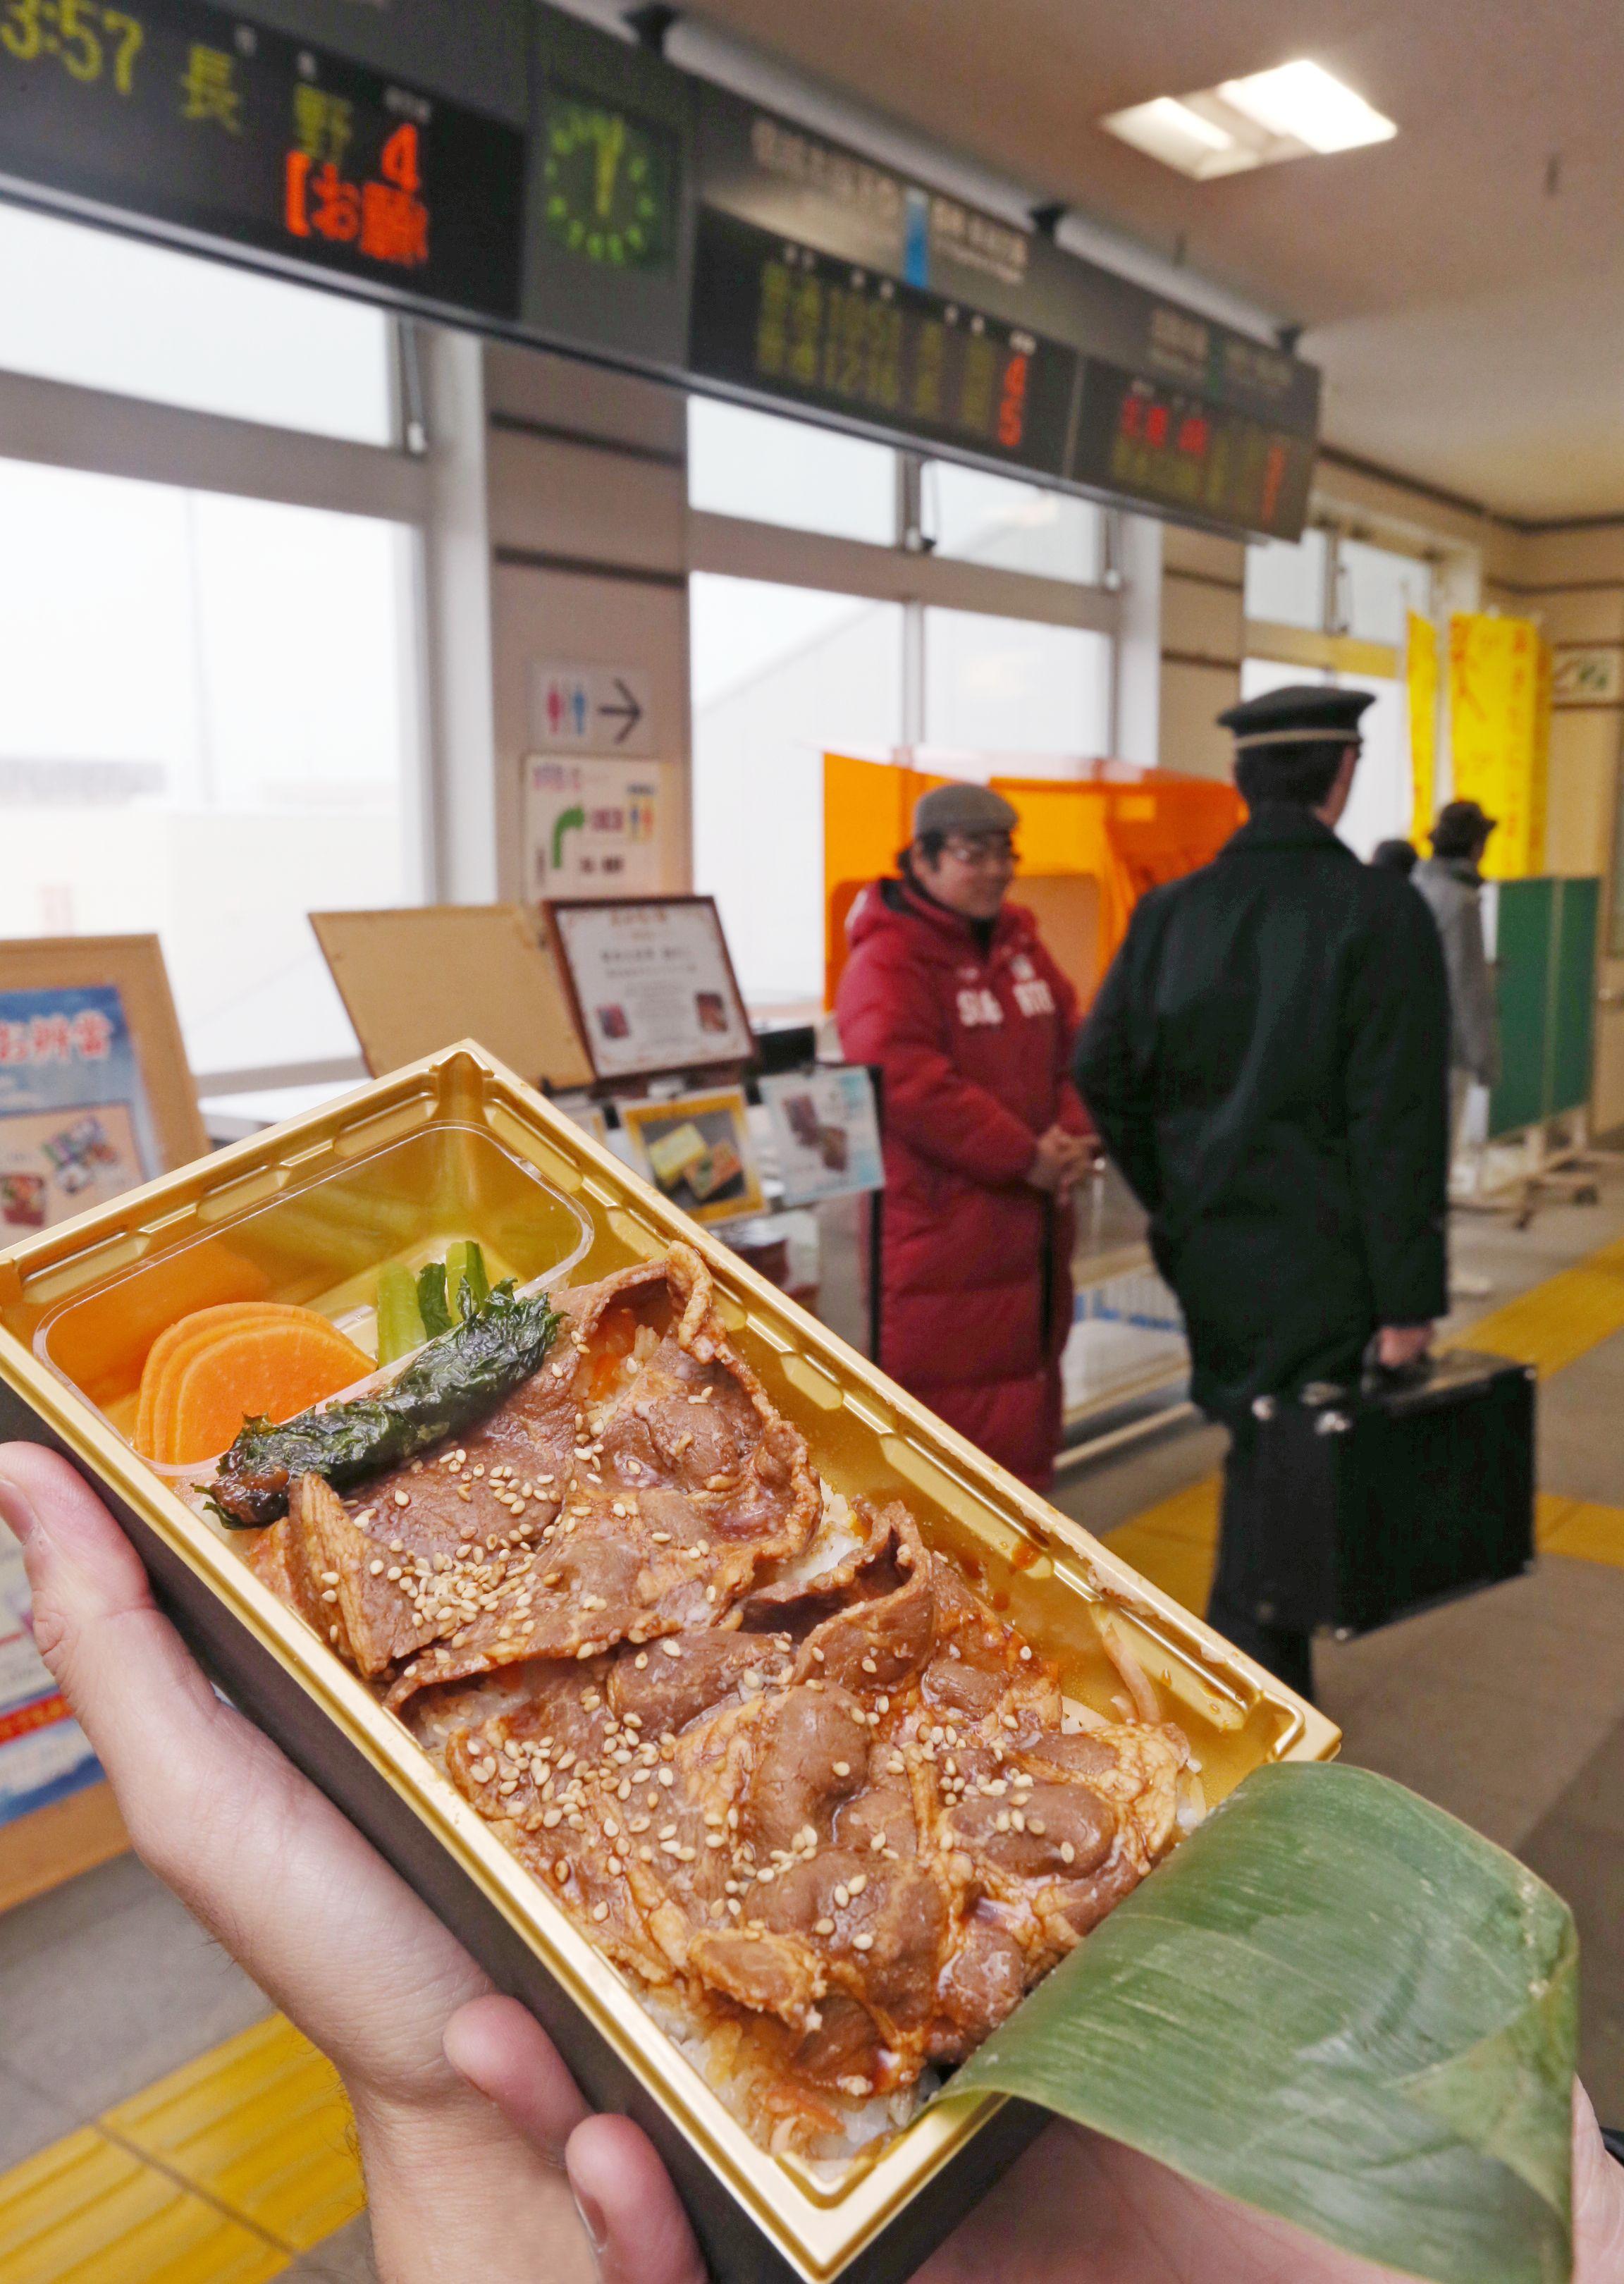 特製のタレが染み込んだ豚肉が評判の釜ぶた弁当=上越市のJR直江津駅